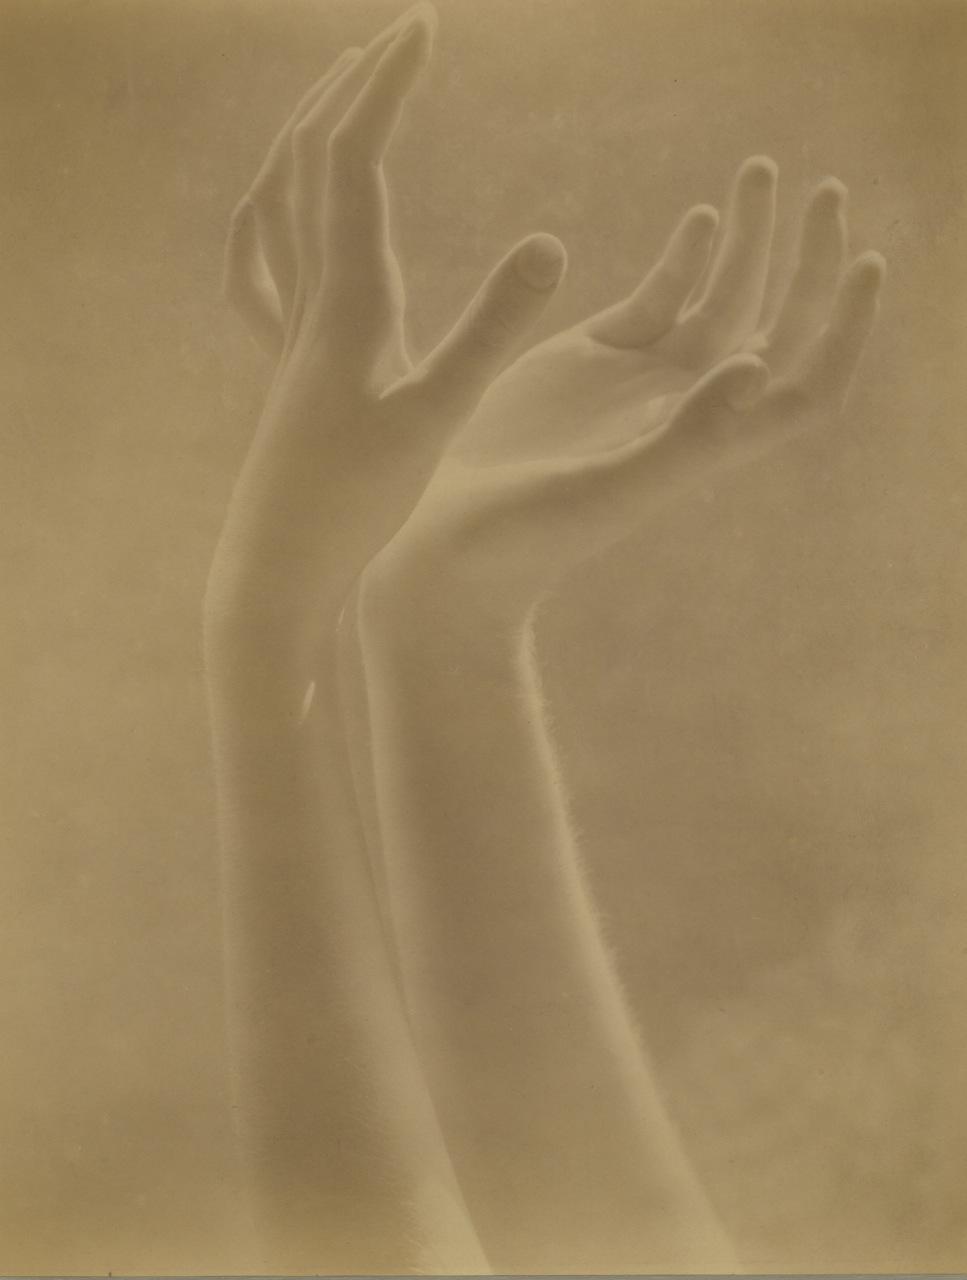 By Edward Steichen